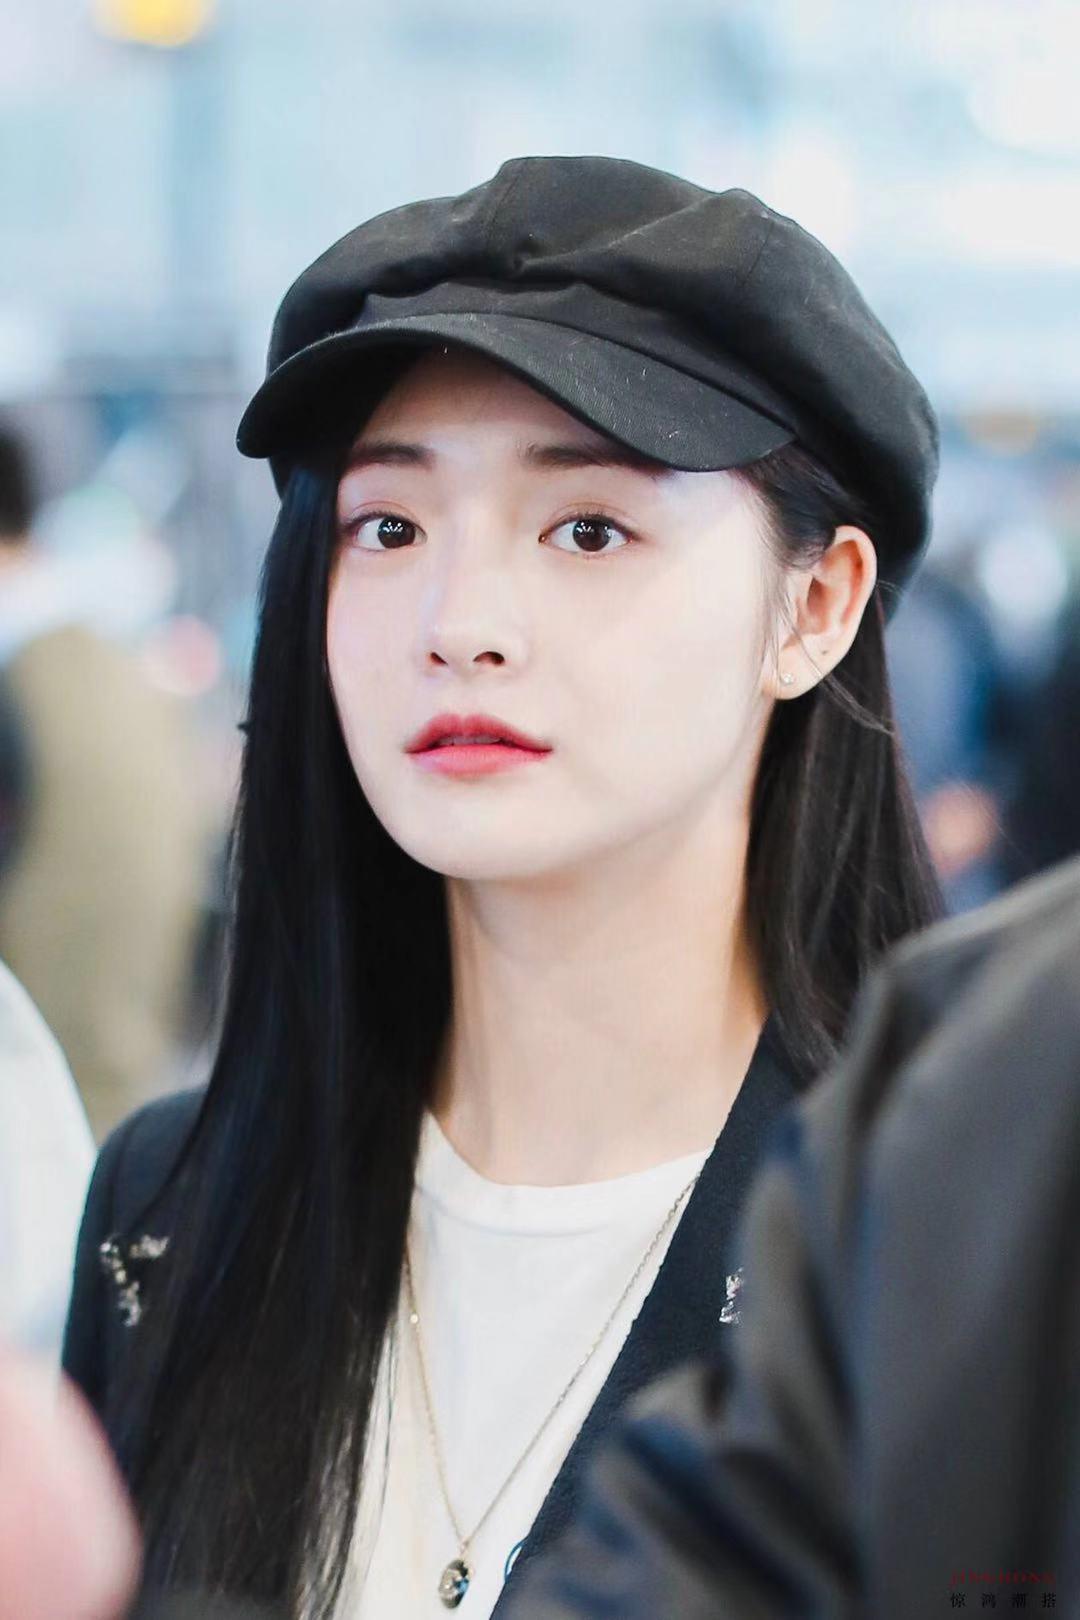 周洁琼现身北京机场 学院风装扮少女感十足